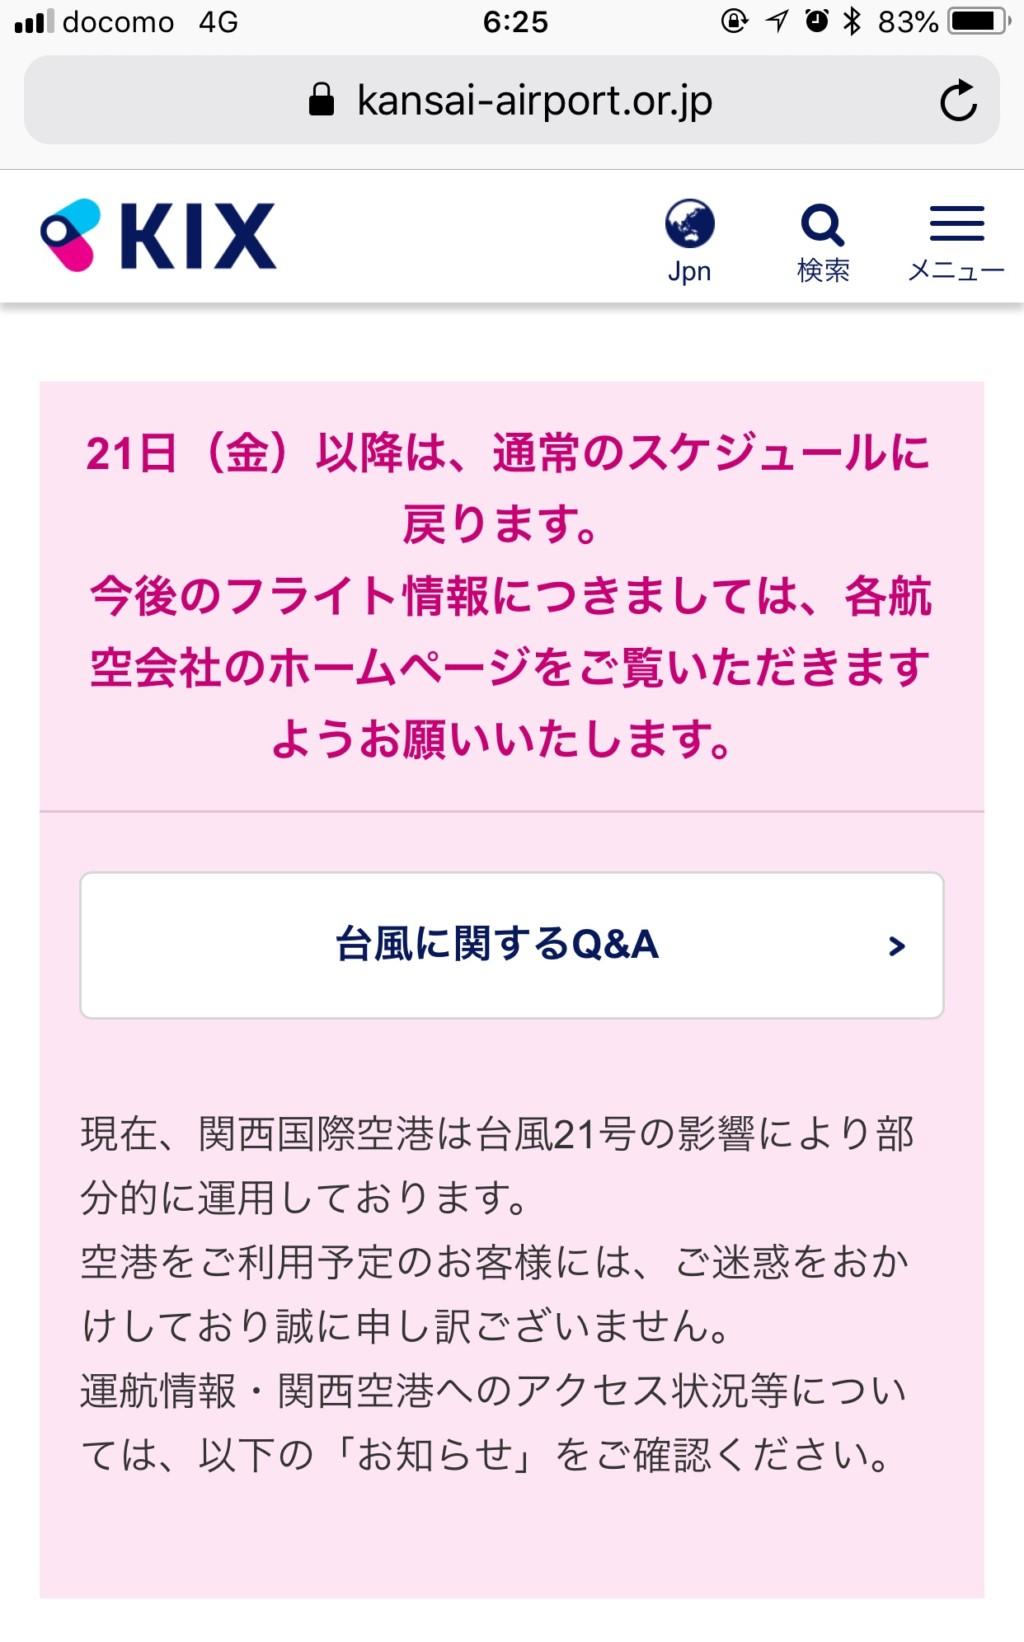 関空のウェブサイト